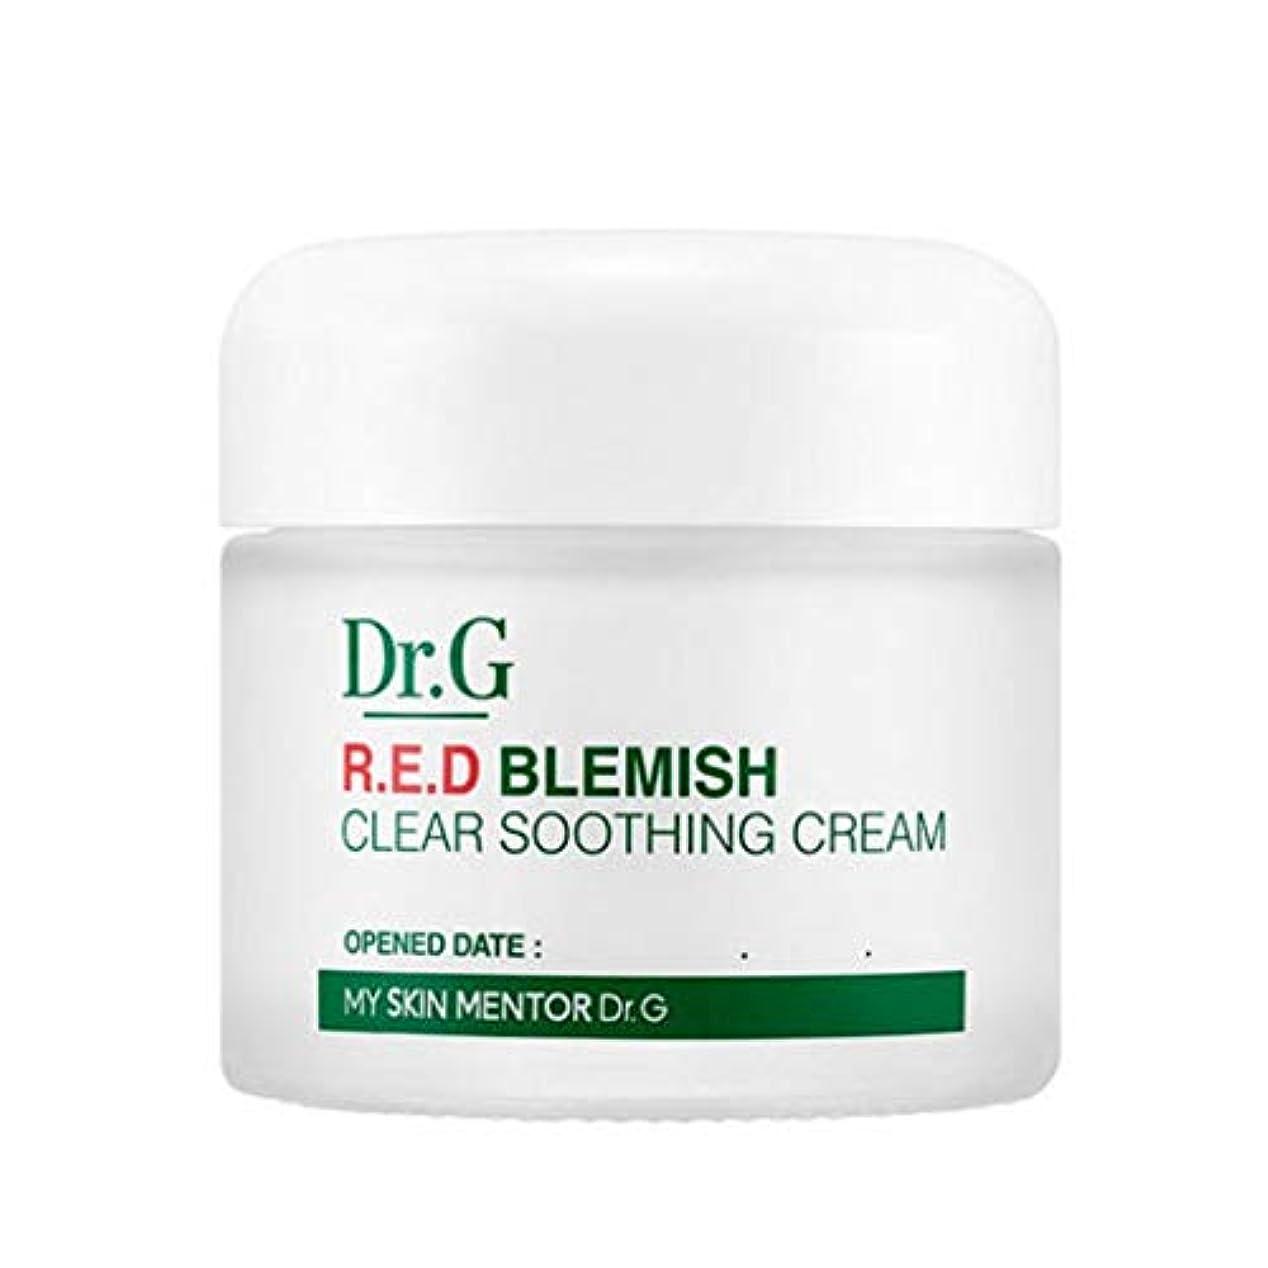 ドクターGレッドブレミッシュクリアスージングクリーム70ml水分クリーム、Dr.G Red Blemish Clear Soothing Cream 70ml Moisturizing Cream [並行輸入品]